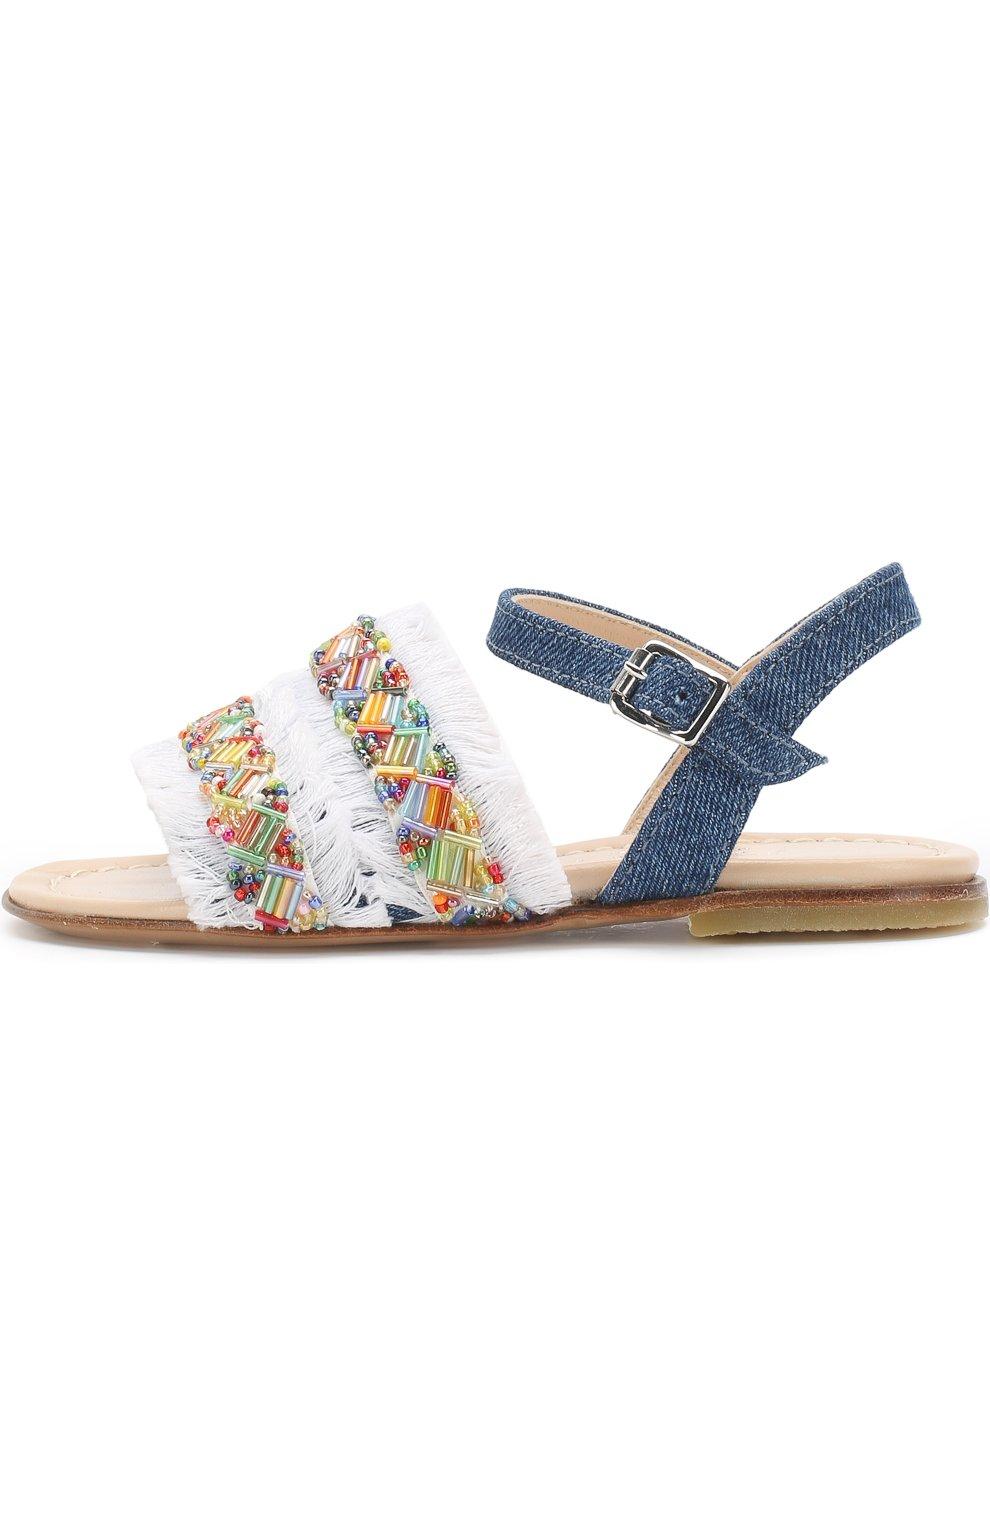 Текстильные сандалии на ремешке с бахромой и вышивкой бисером | Фото №2